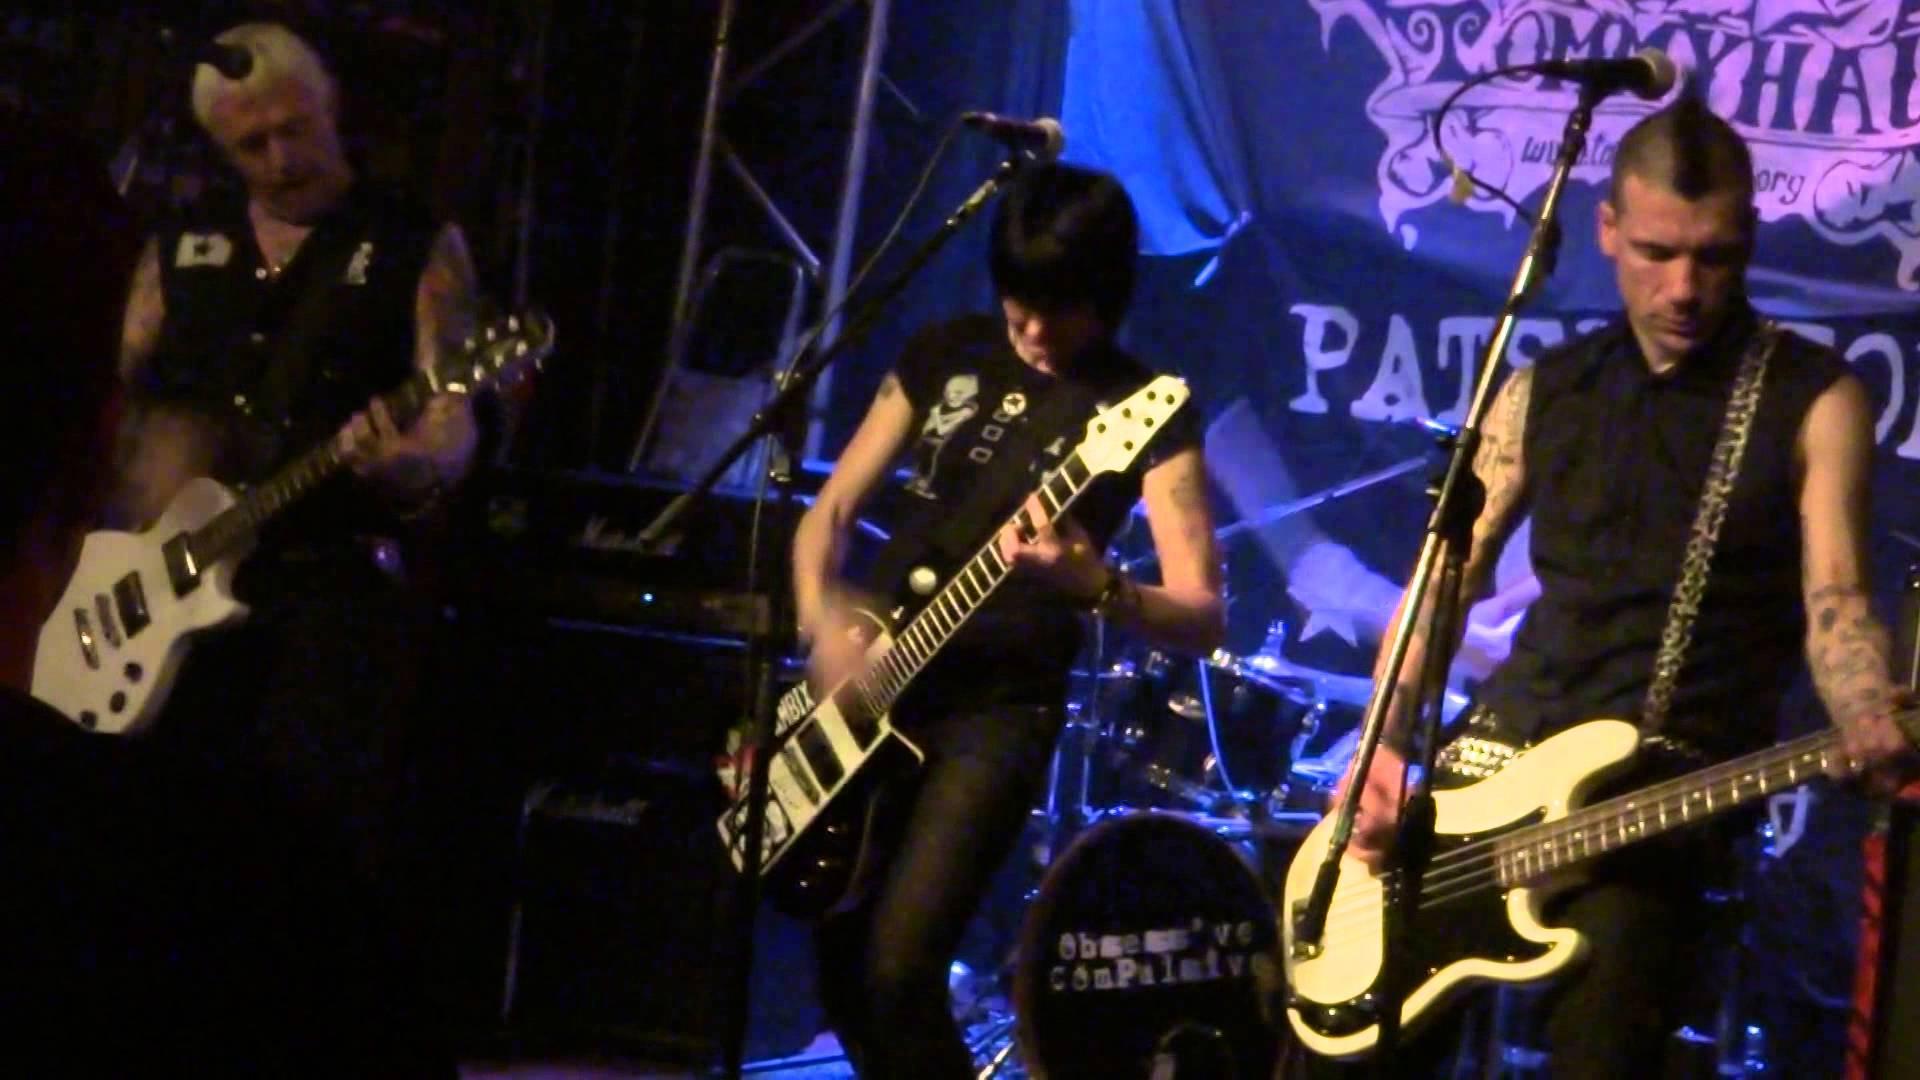 Patsy Stone